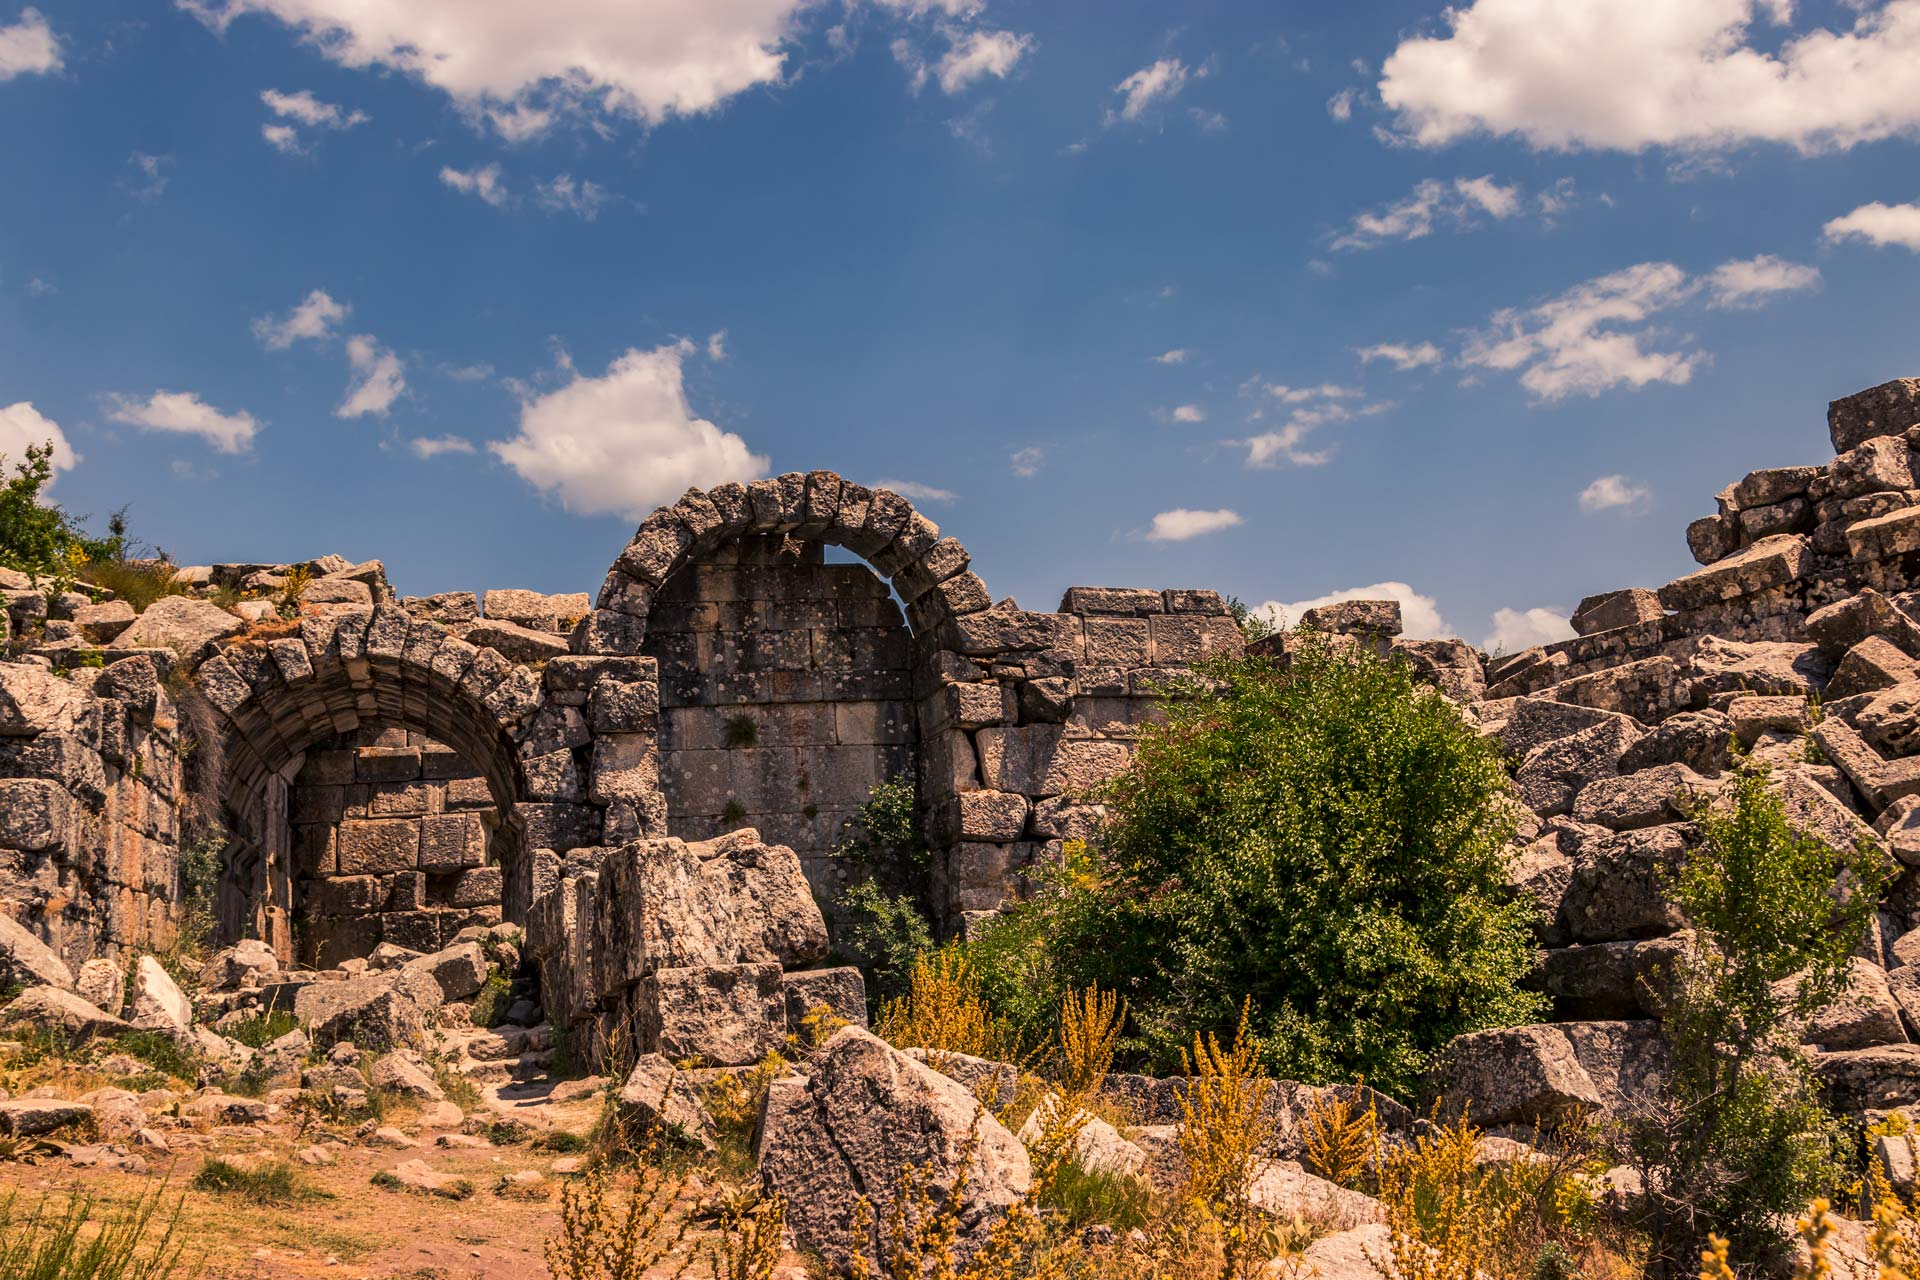 Sagalassos Antik Kenti Fotoğrafları Çekergezer Hakan Aydın Gezgin Fotoğrafçı Sagalassos Antik Kenti Resimleri